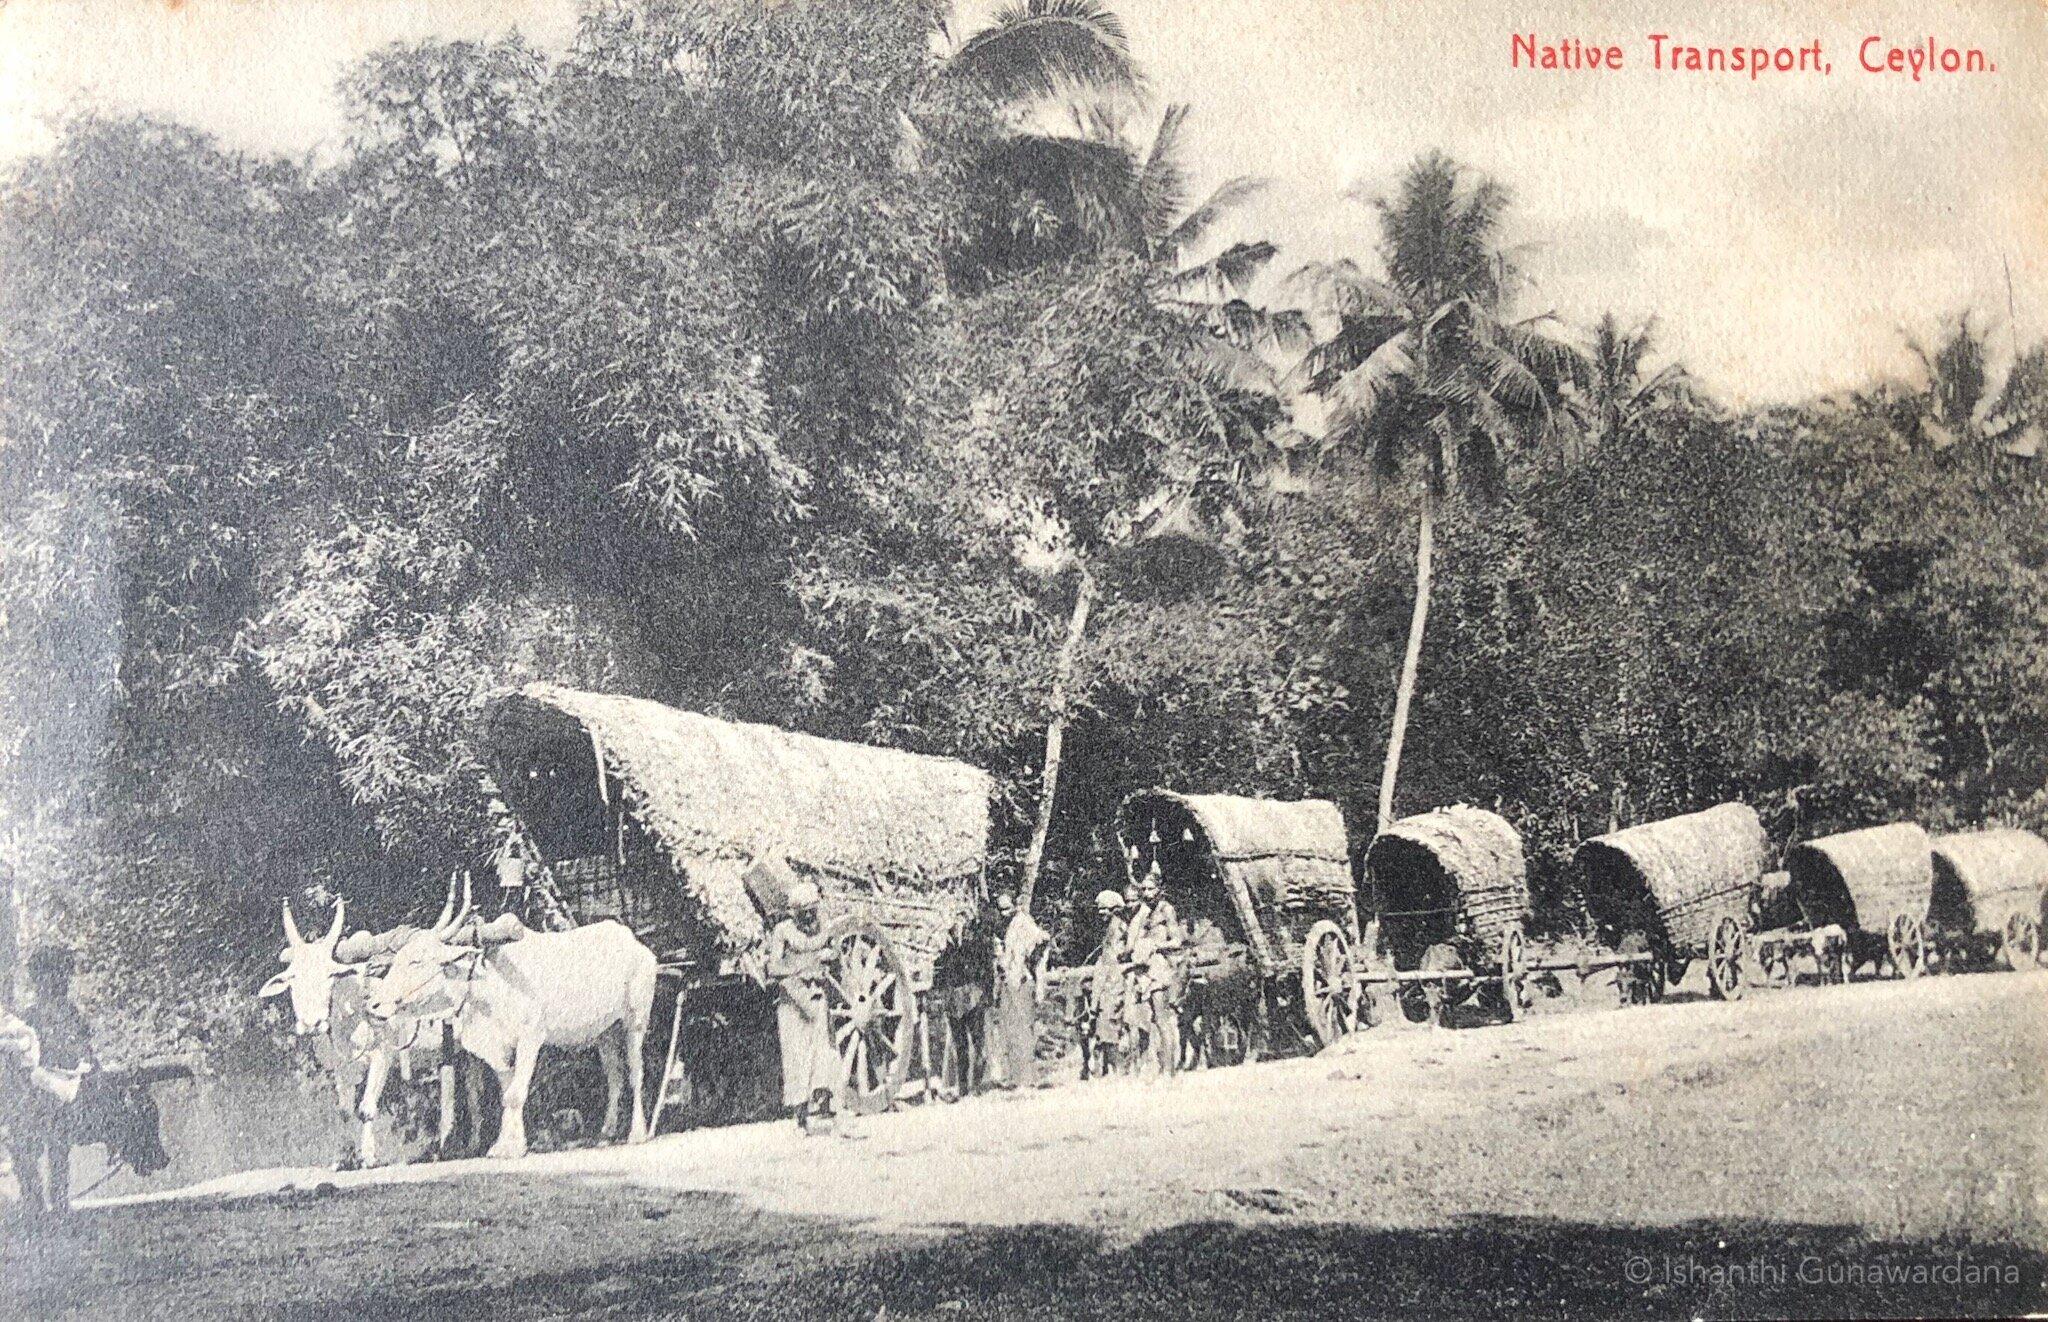 Bullock cart travel in Sri Lanka